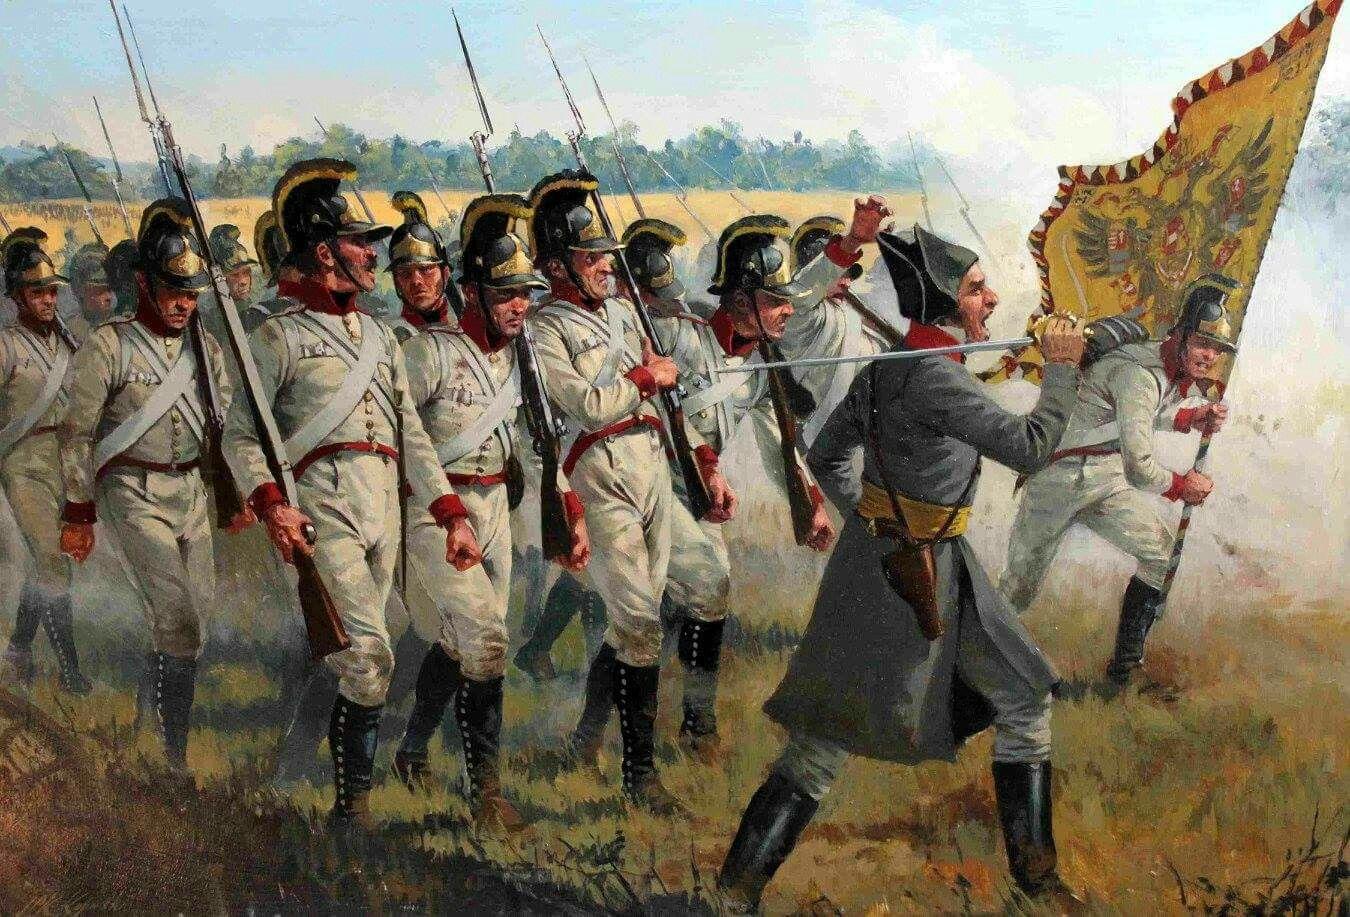 en uzun süre hüküm süren imparatorluklar Kutsal Roma İmparatorluğu hakkında bilgiler